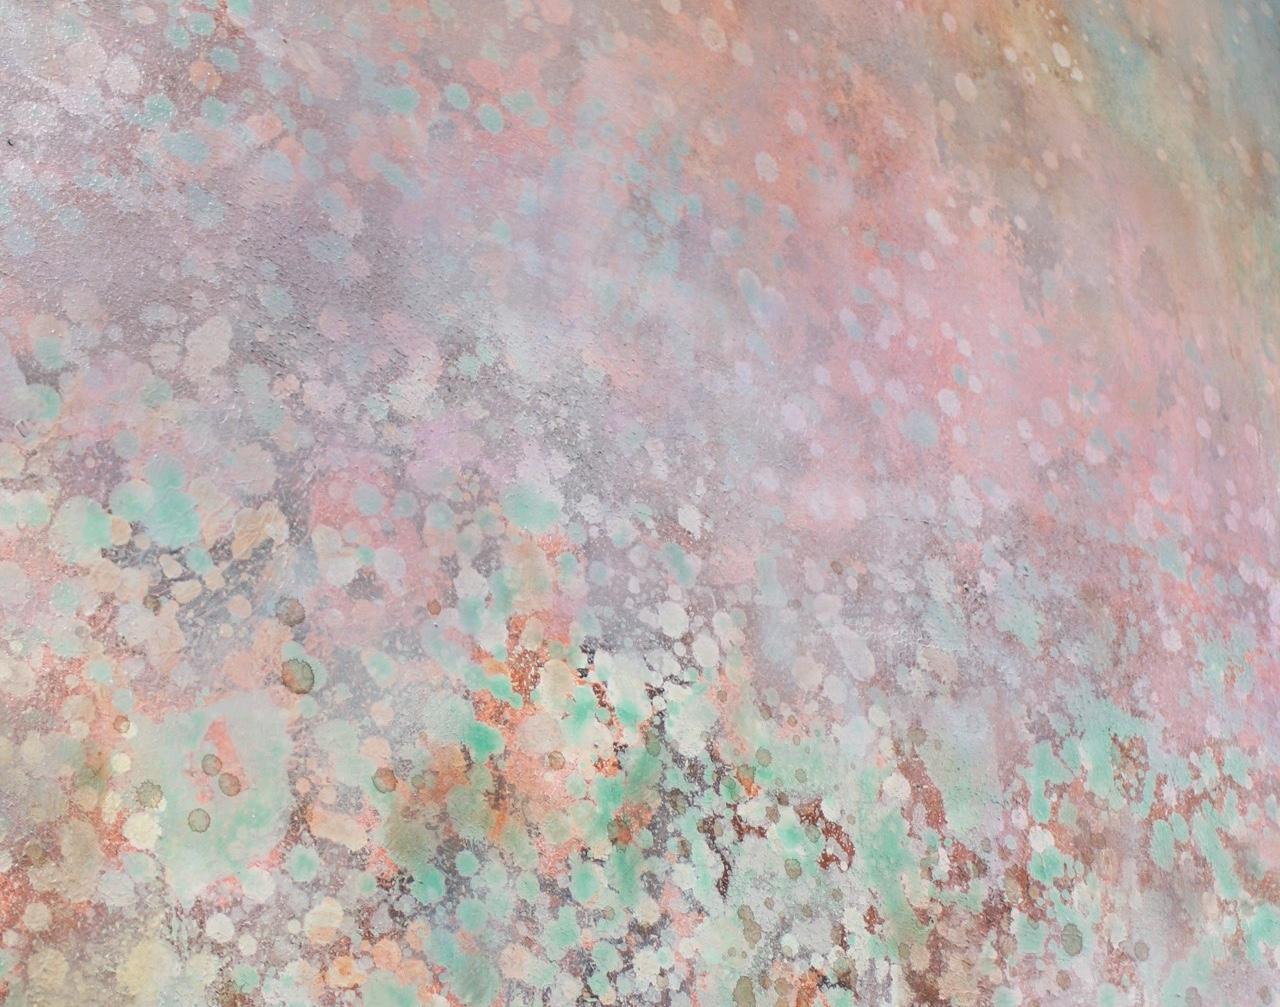 cotton candy art.jpg